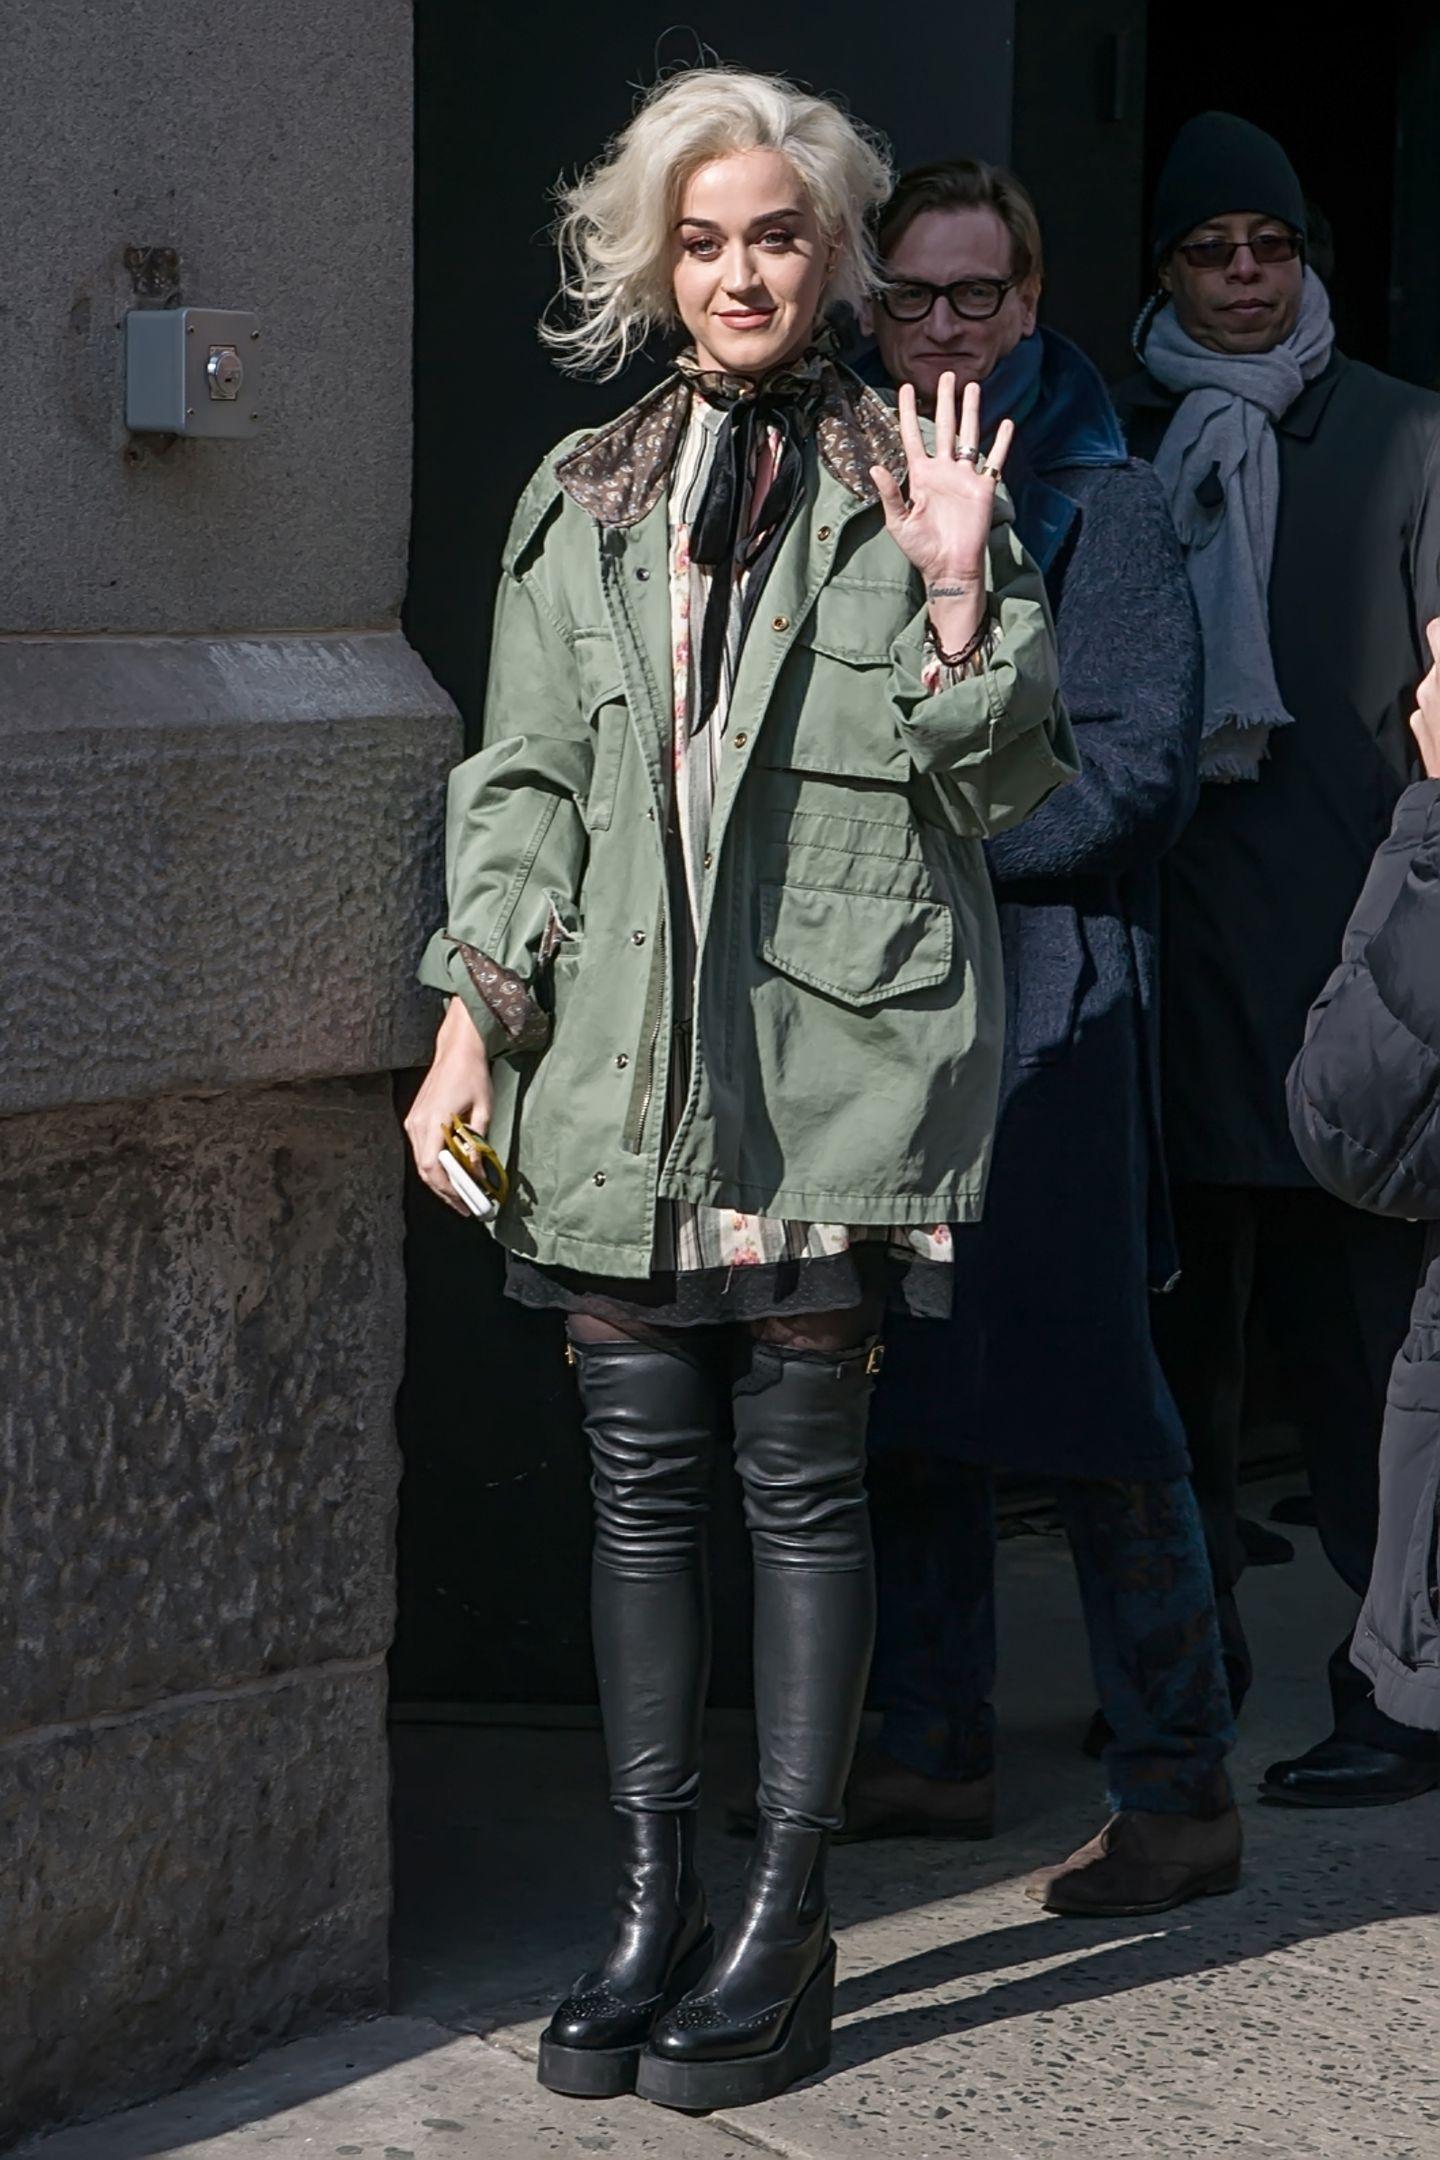 Neu-Blondine Katy Perry ist nur einer der Star-Gäste der Open-Air-Show von Marc Jacobs in der Park Avenue Armory in New Yorks Upper East Side.